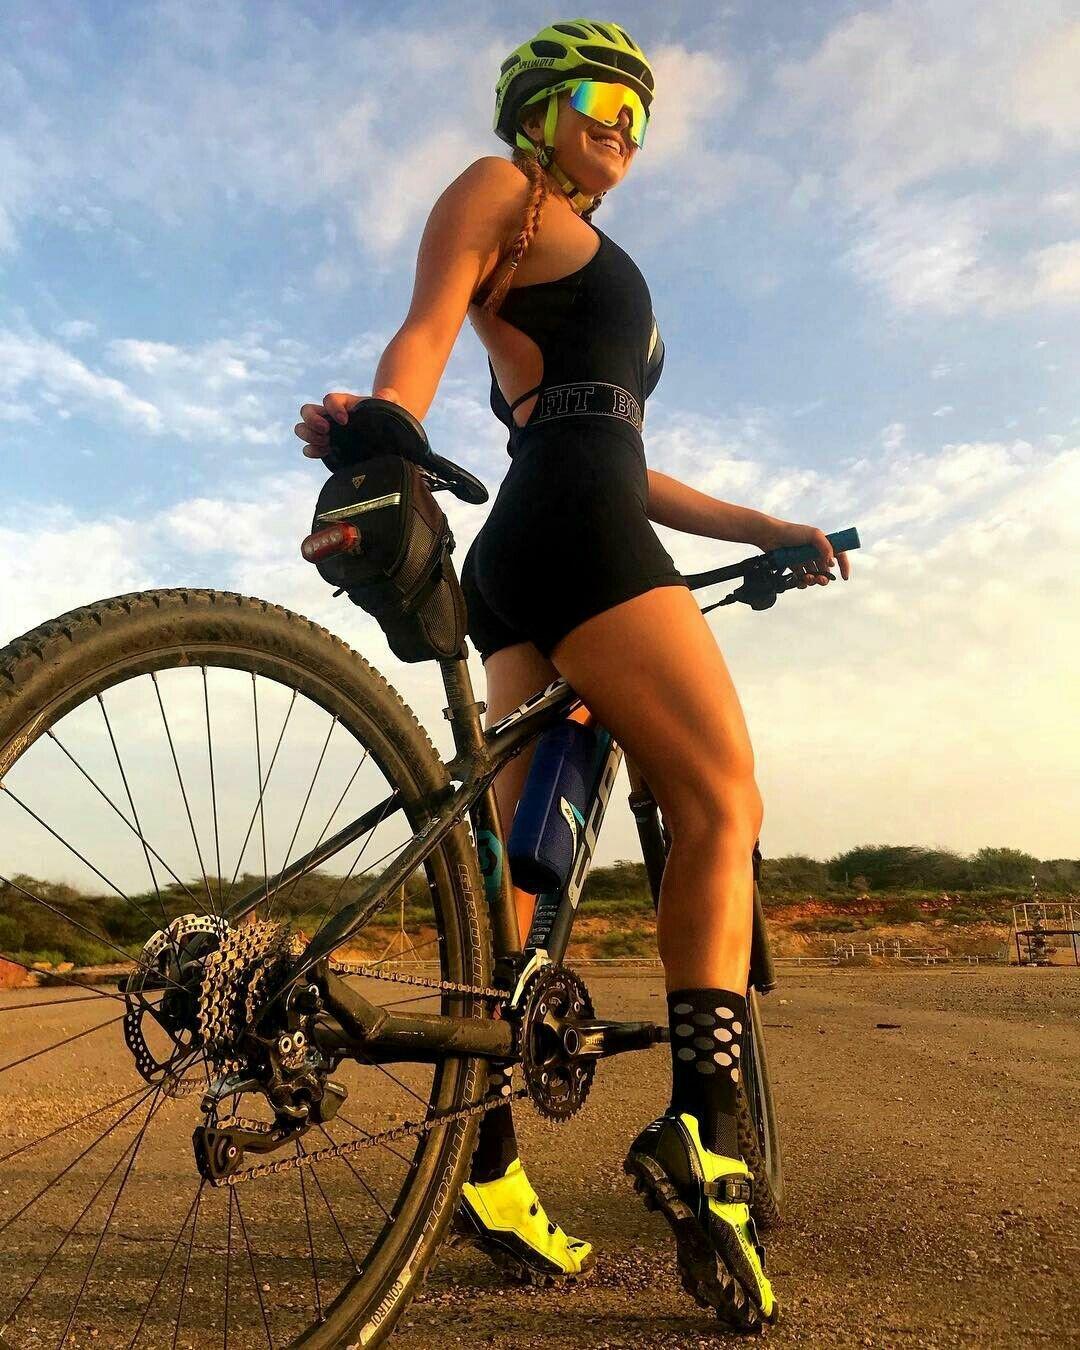 сумасшедшая велосипедистка картинки перед искушением